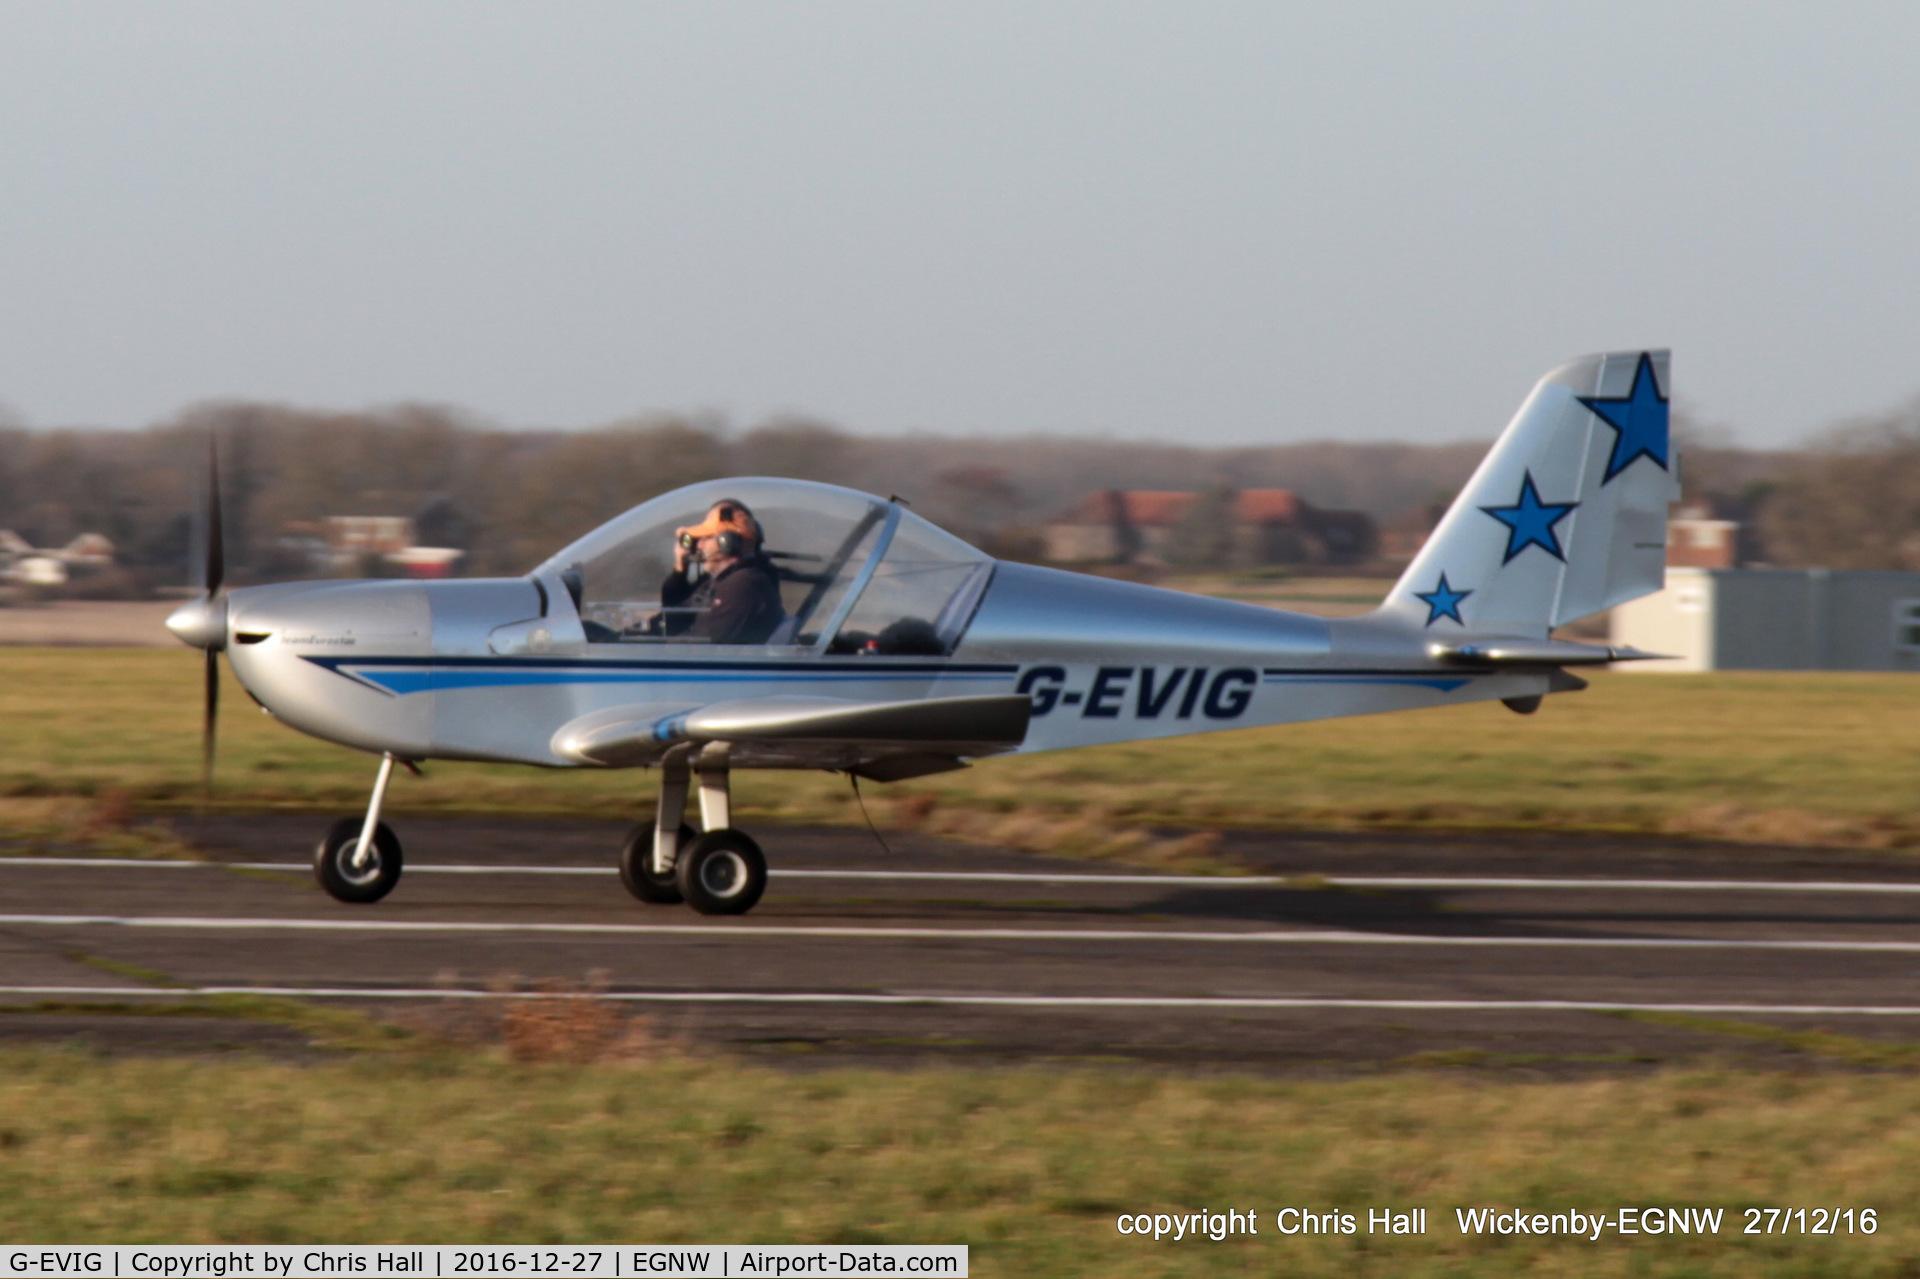 G-EVIG, 2007 Cosmik EV-97 TeamEurostar UK C/N 2930, at the Wickenby